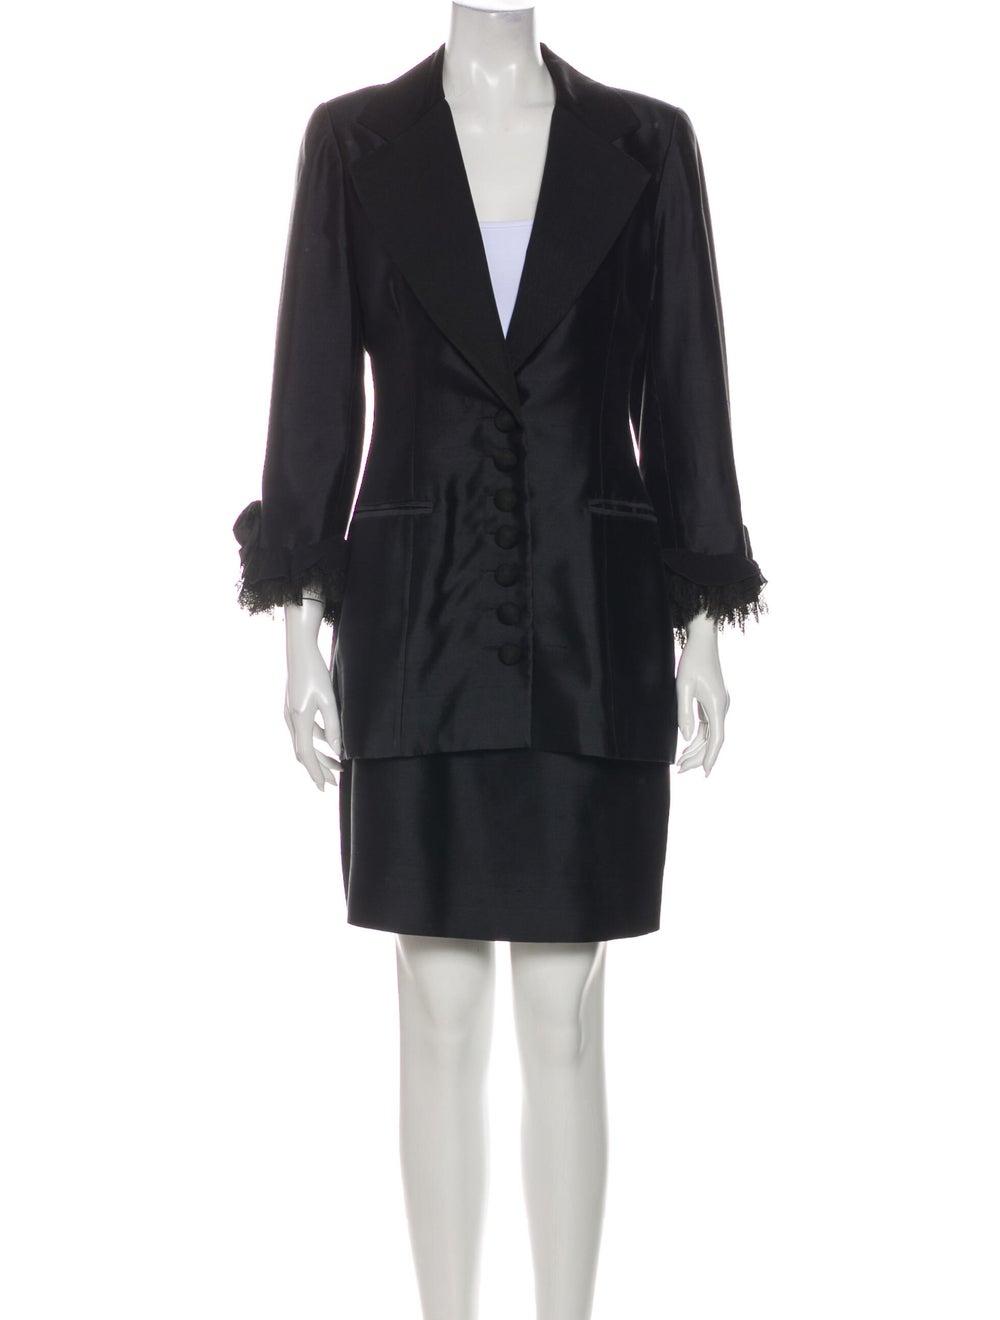 Christian Dior Vintage 1980's Skirt Suit Black - image 1